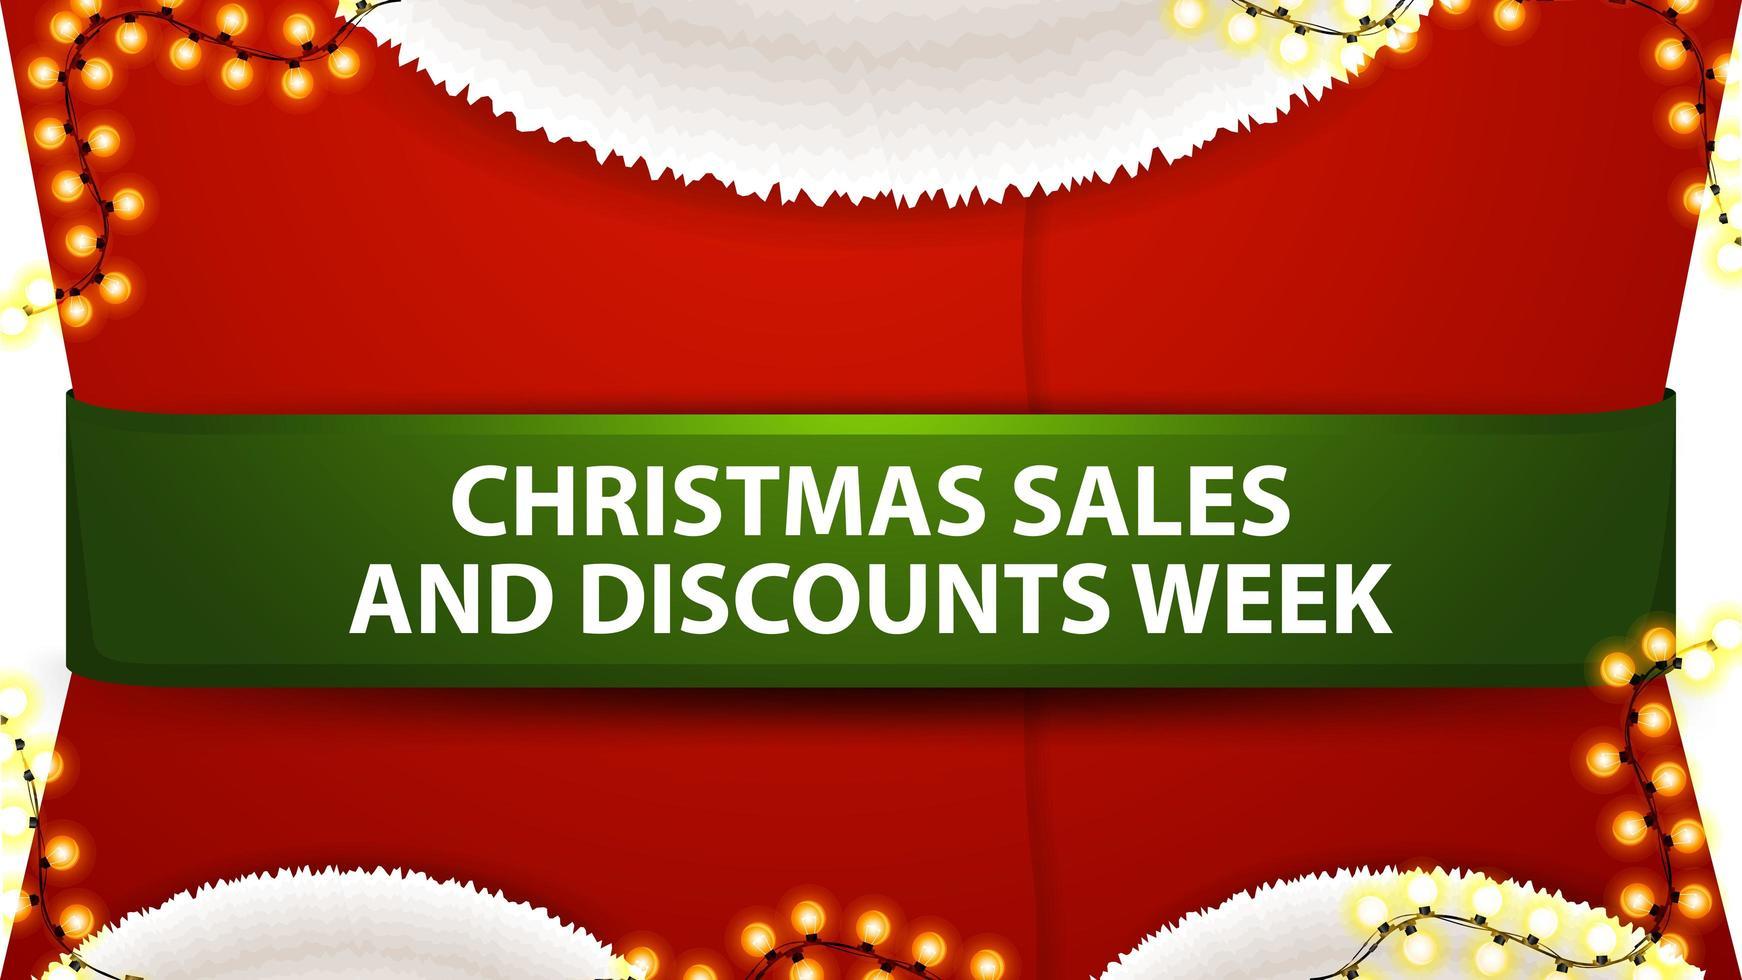 Weihnachtsverkauf und Rabattwoche, rotes Rabattbanner in Form eines Weihnachtsmannkostüms mit grünem Band vektor